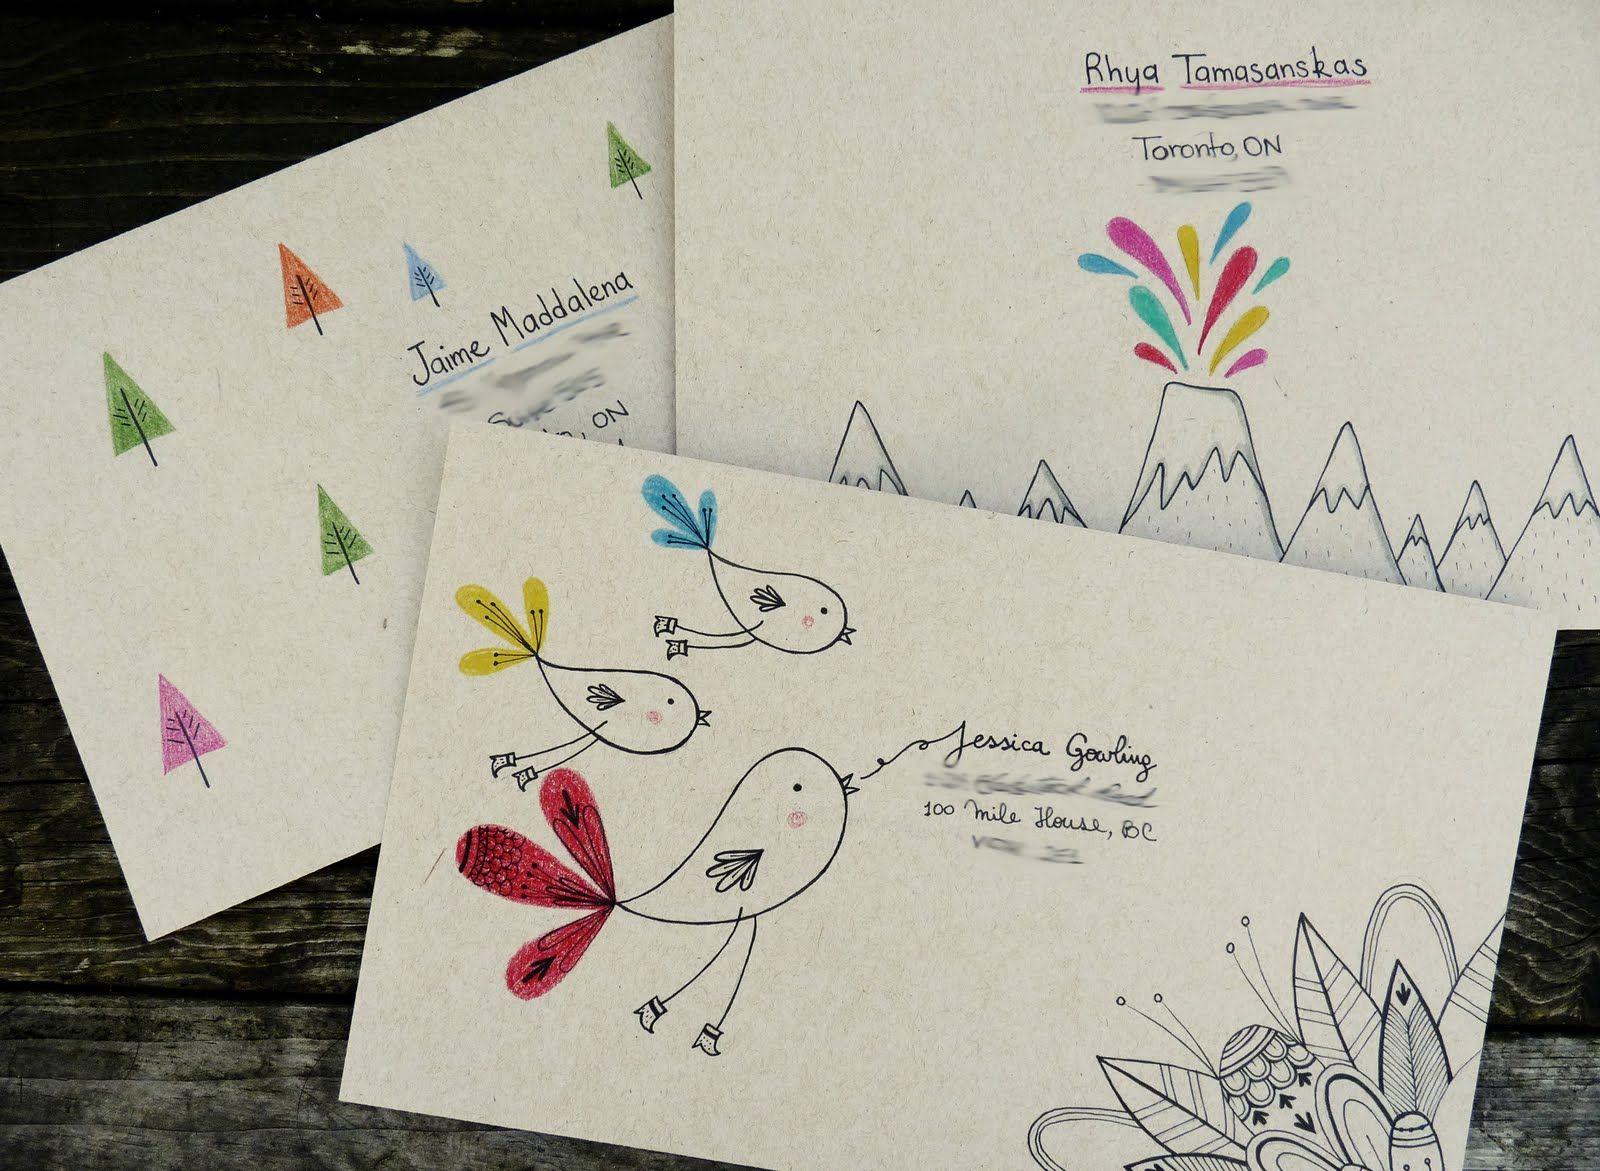 фотографий звезд оформляем почтовые открытки первой части